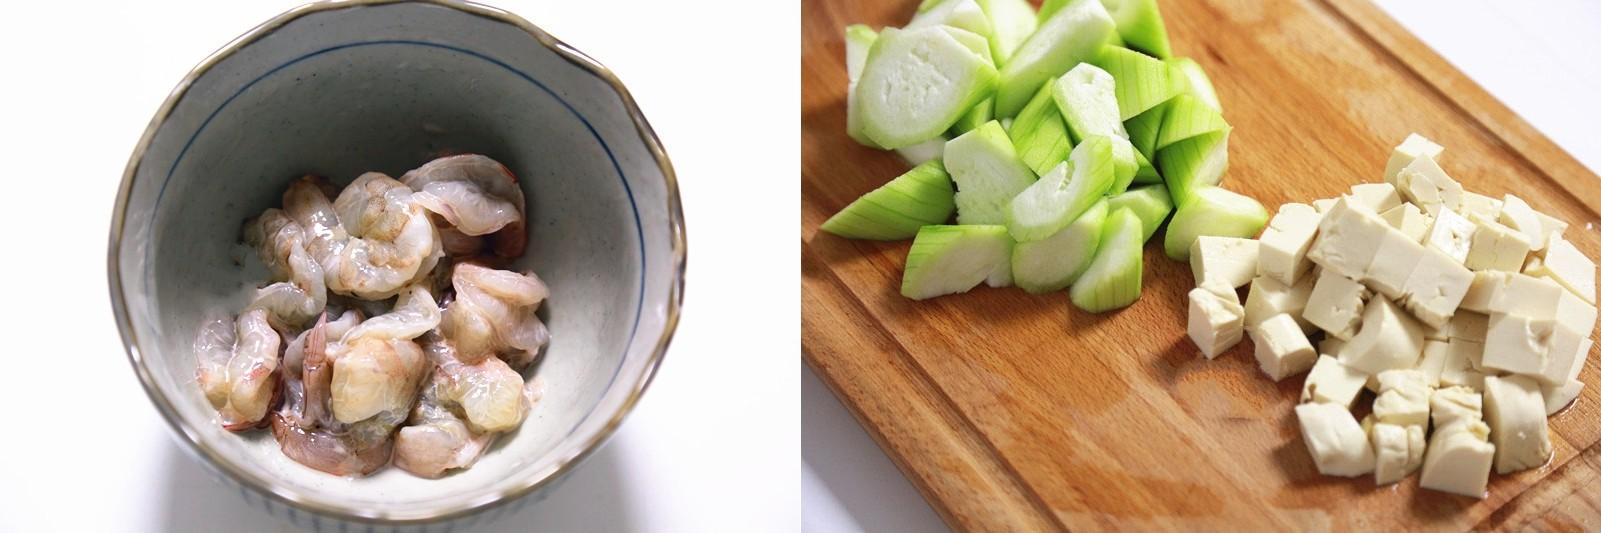 Canh mướp nấu tôm đậu phụ thanh mát ngày hè - Ảnh 2